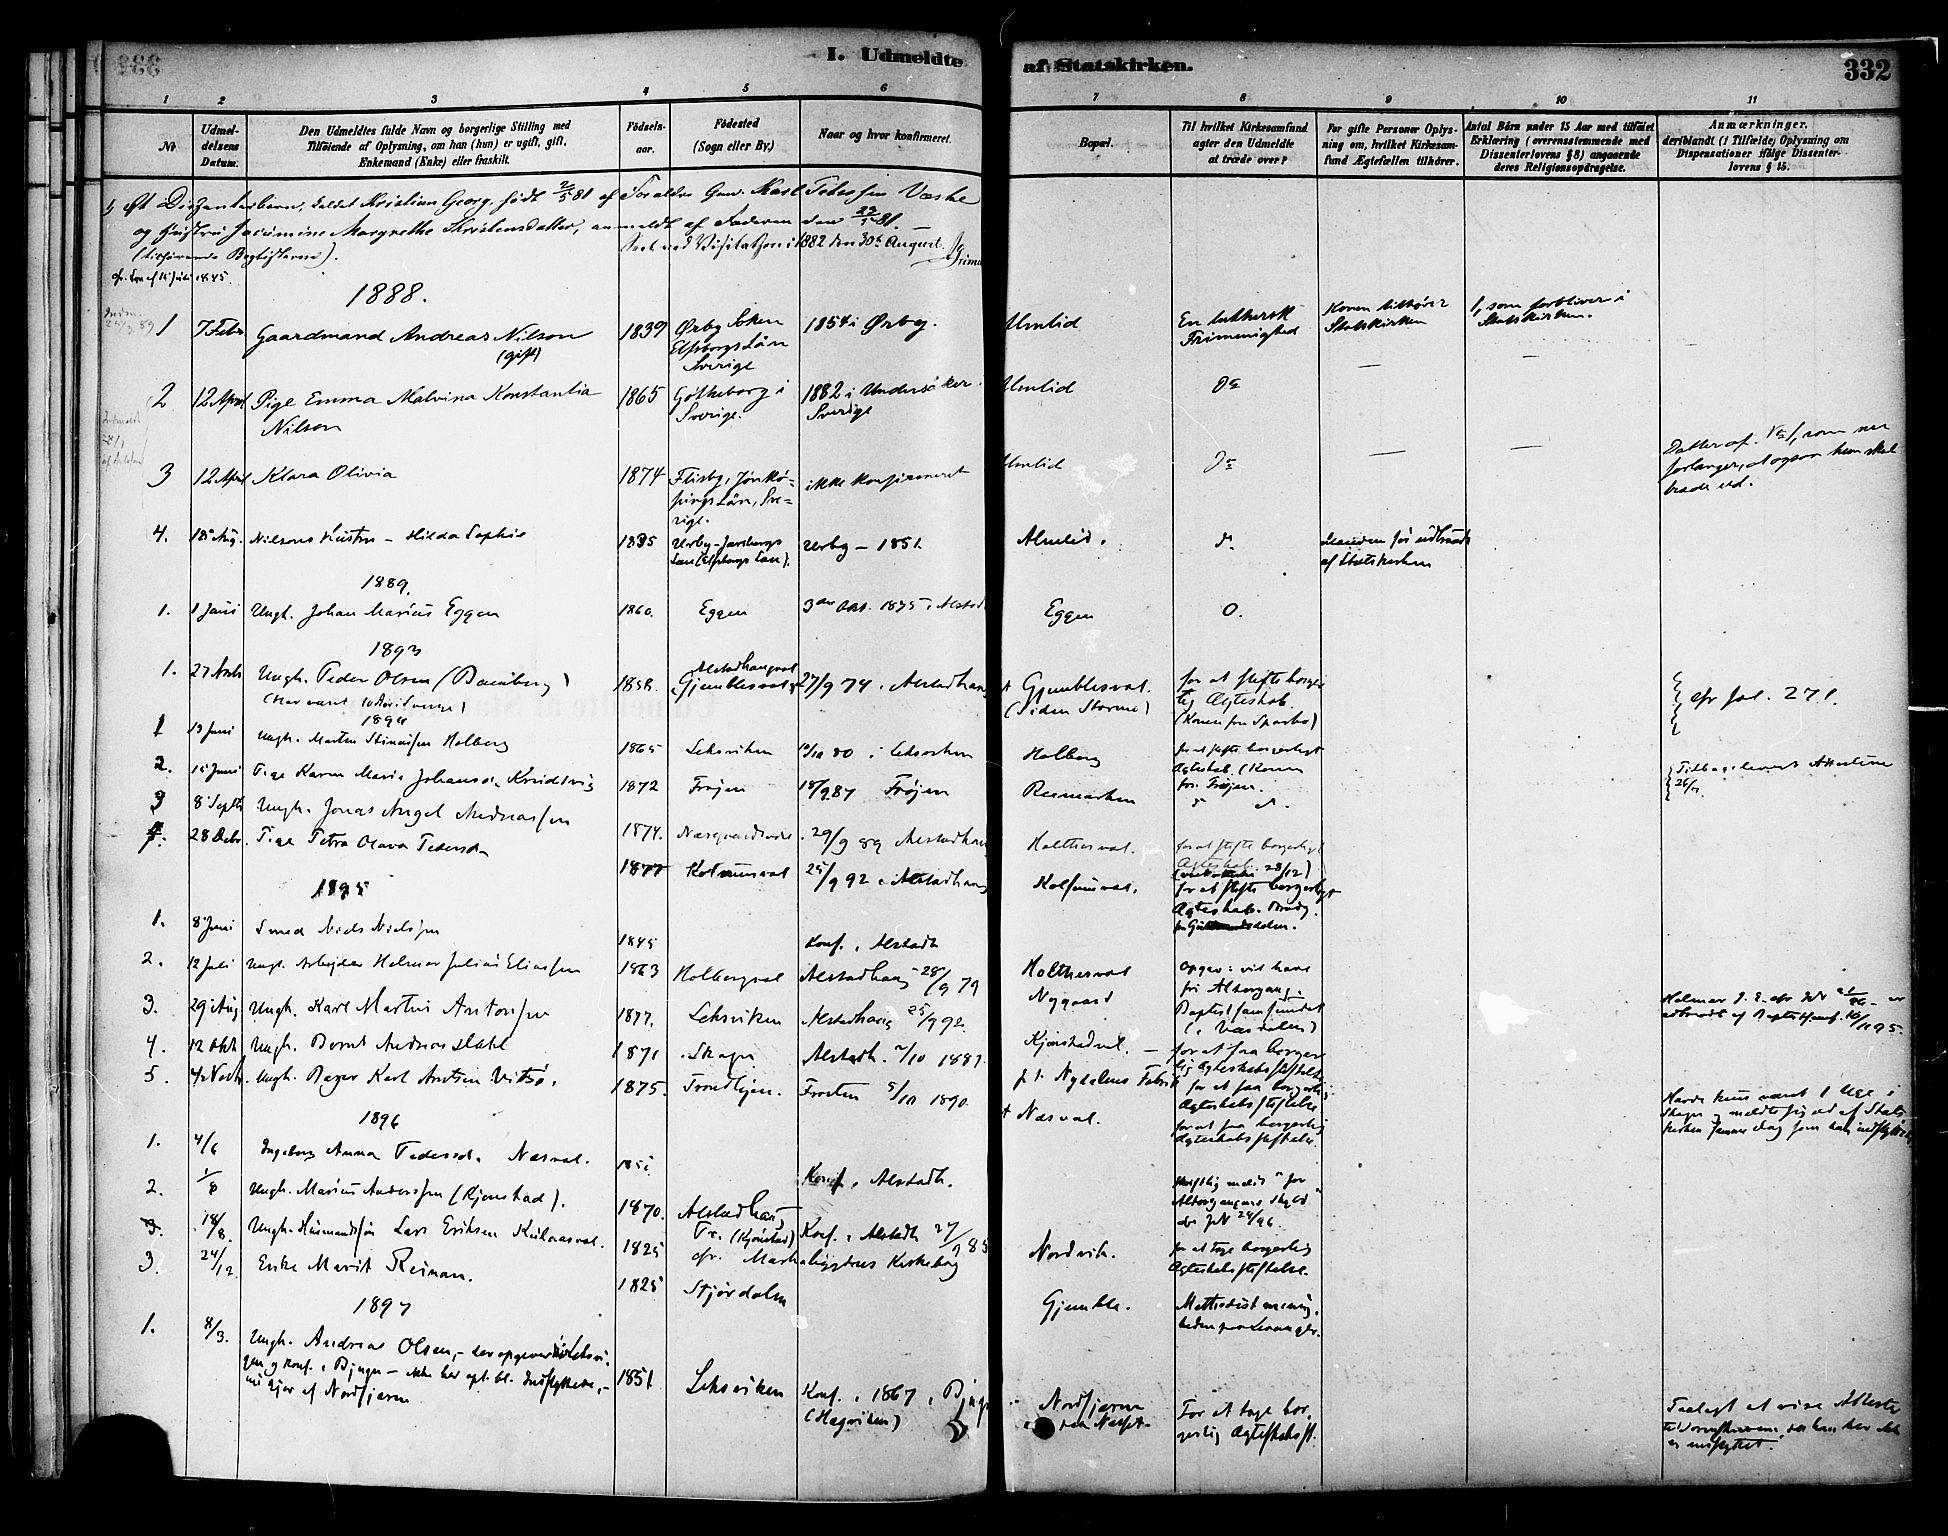 SAT, Ministerialprotokoller, klokkerbøker og fødselsregistre - Nord-Trøndelag, 717/L0159: Ministerialbok nr. 717A09, 1878-1898, s. 332